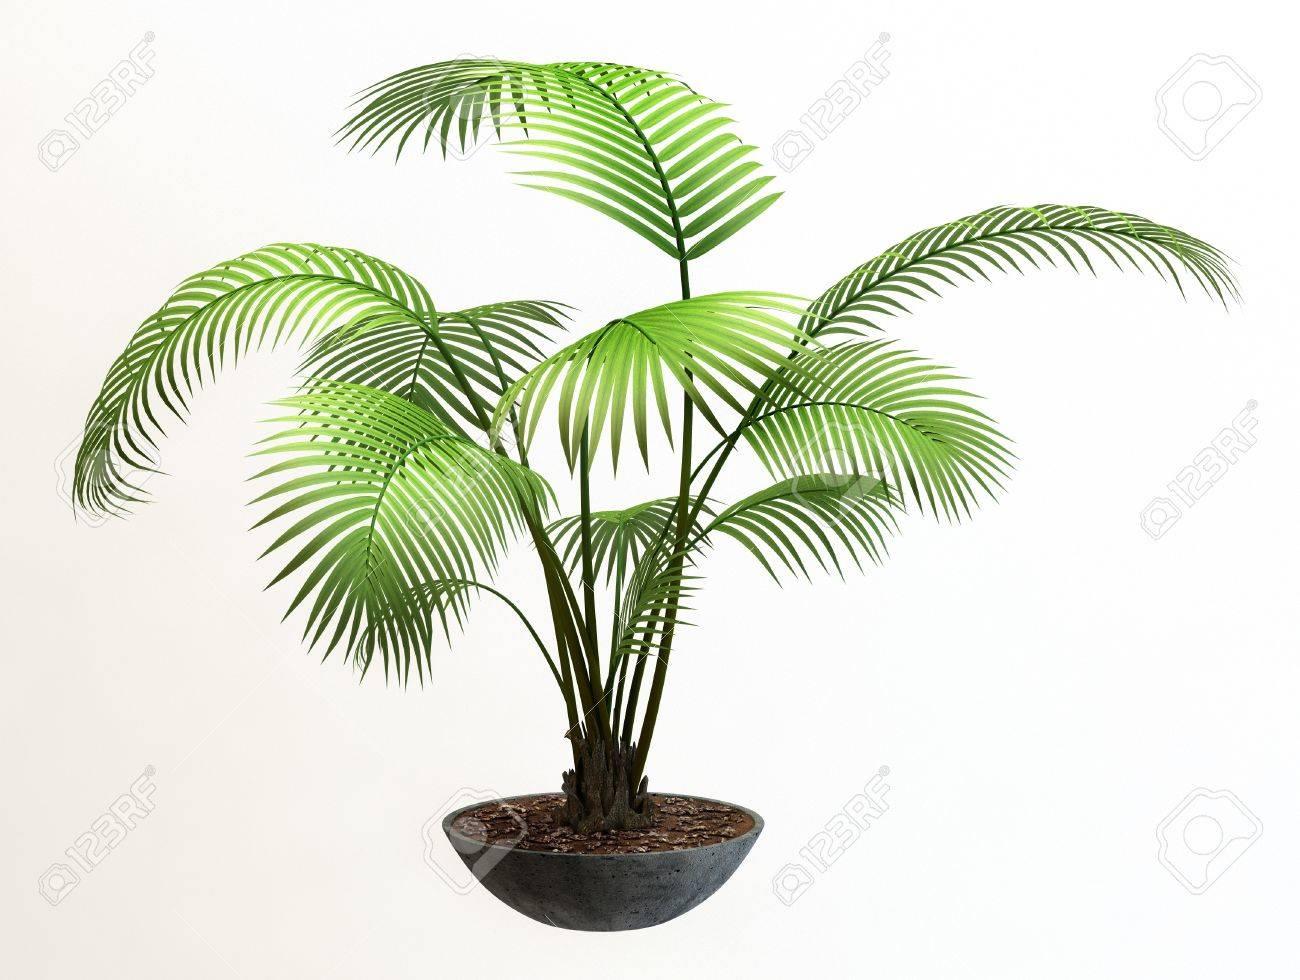 Small decorative tree Stock Photo - 11140363